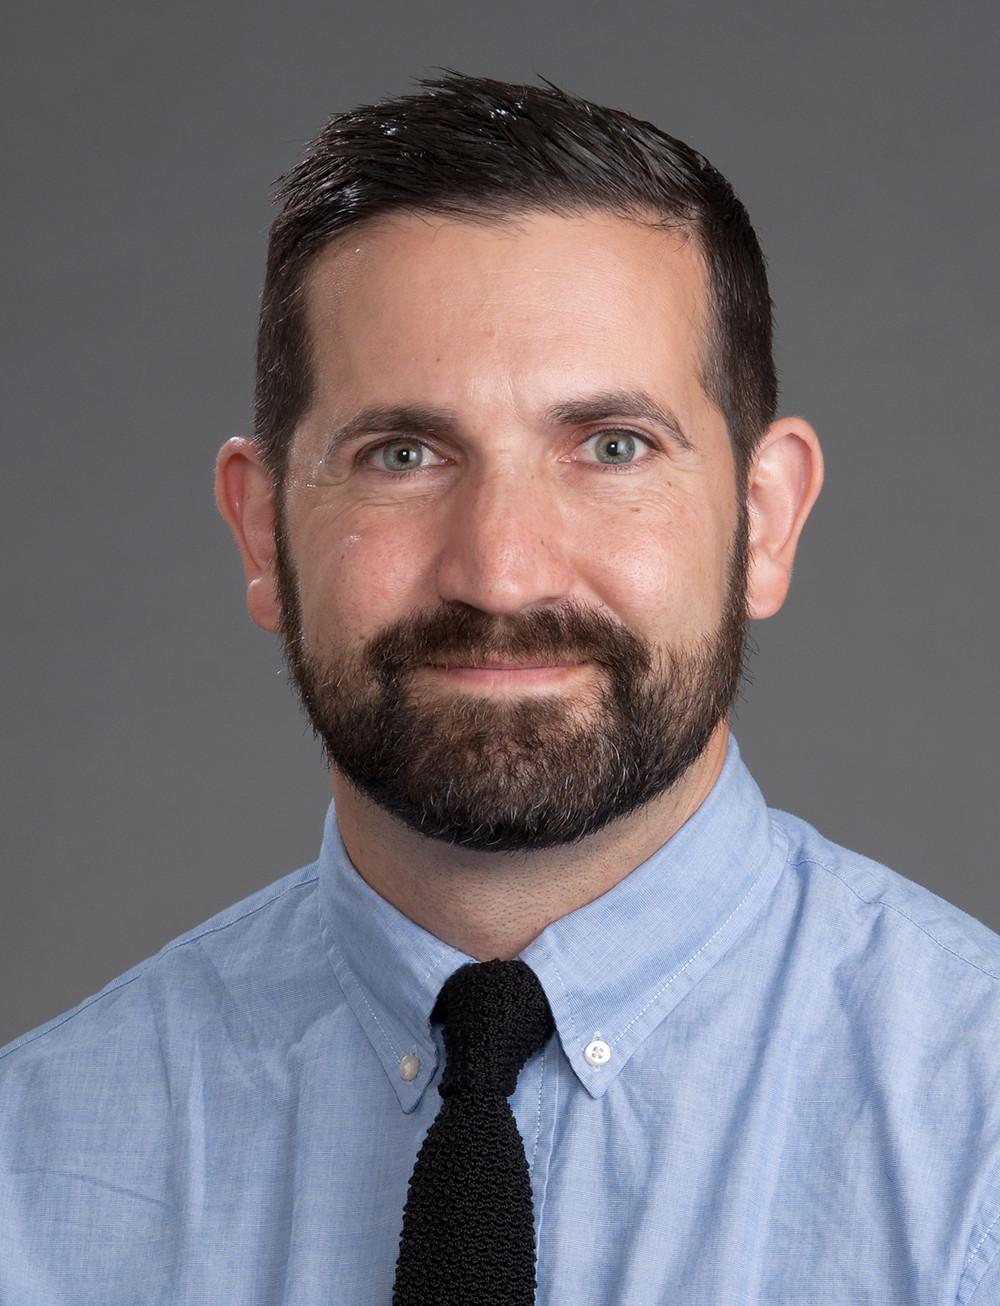 Steve Hodges, bedwetting expert